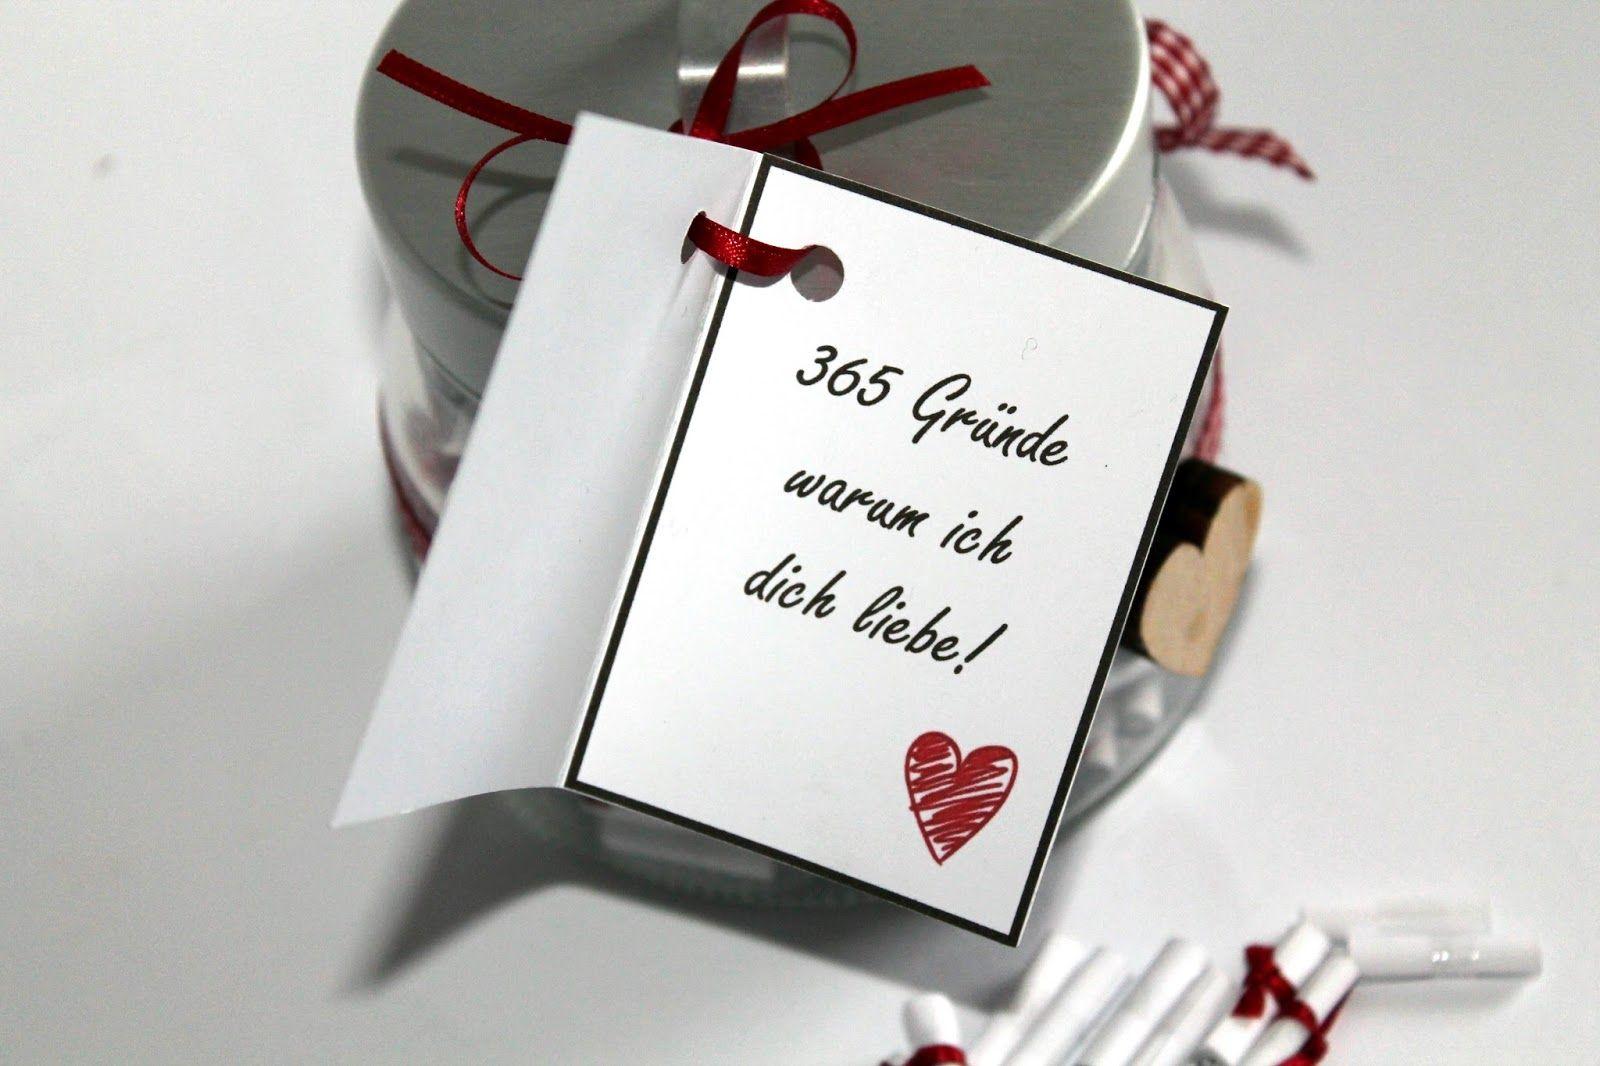 die perfekte geschenkidee diy 365 gr nde warum ich dich liebe selber machen m nnergeschenke. Black Bedroom Furniture Sets. Home Design Ideas